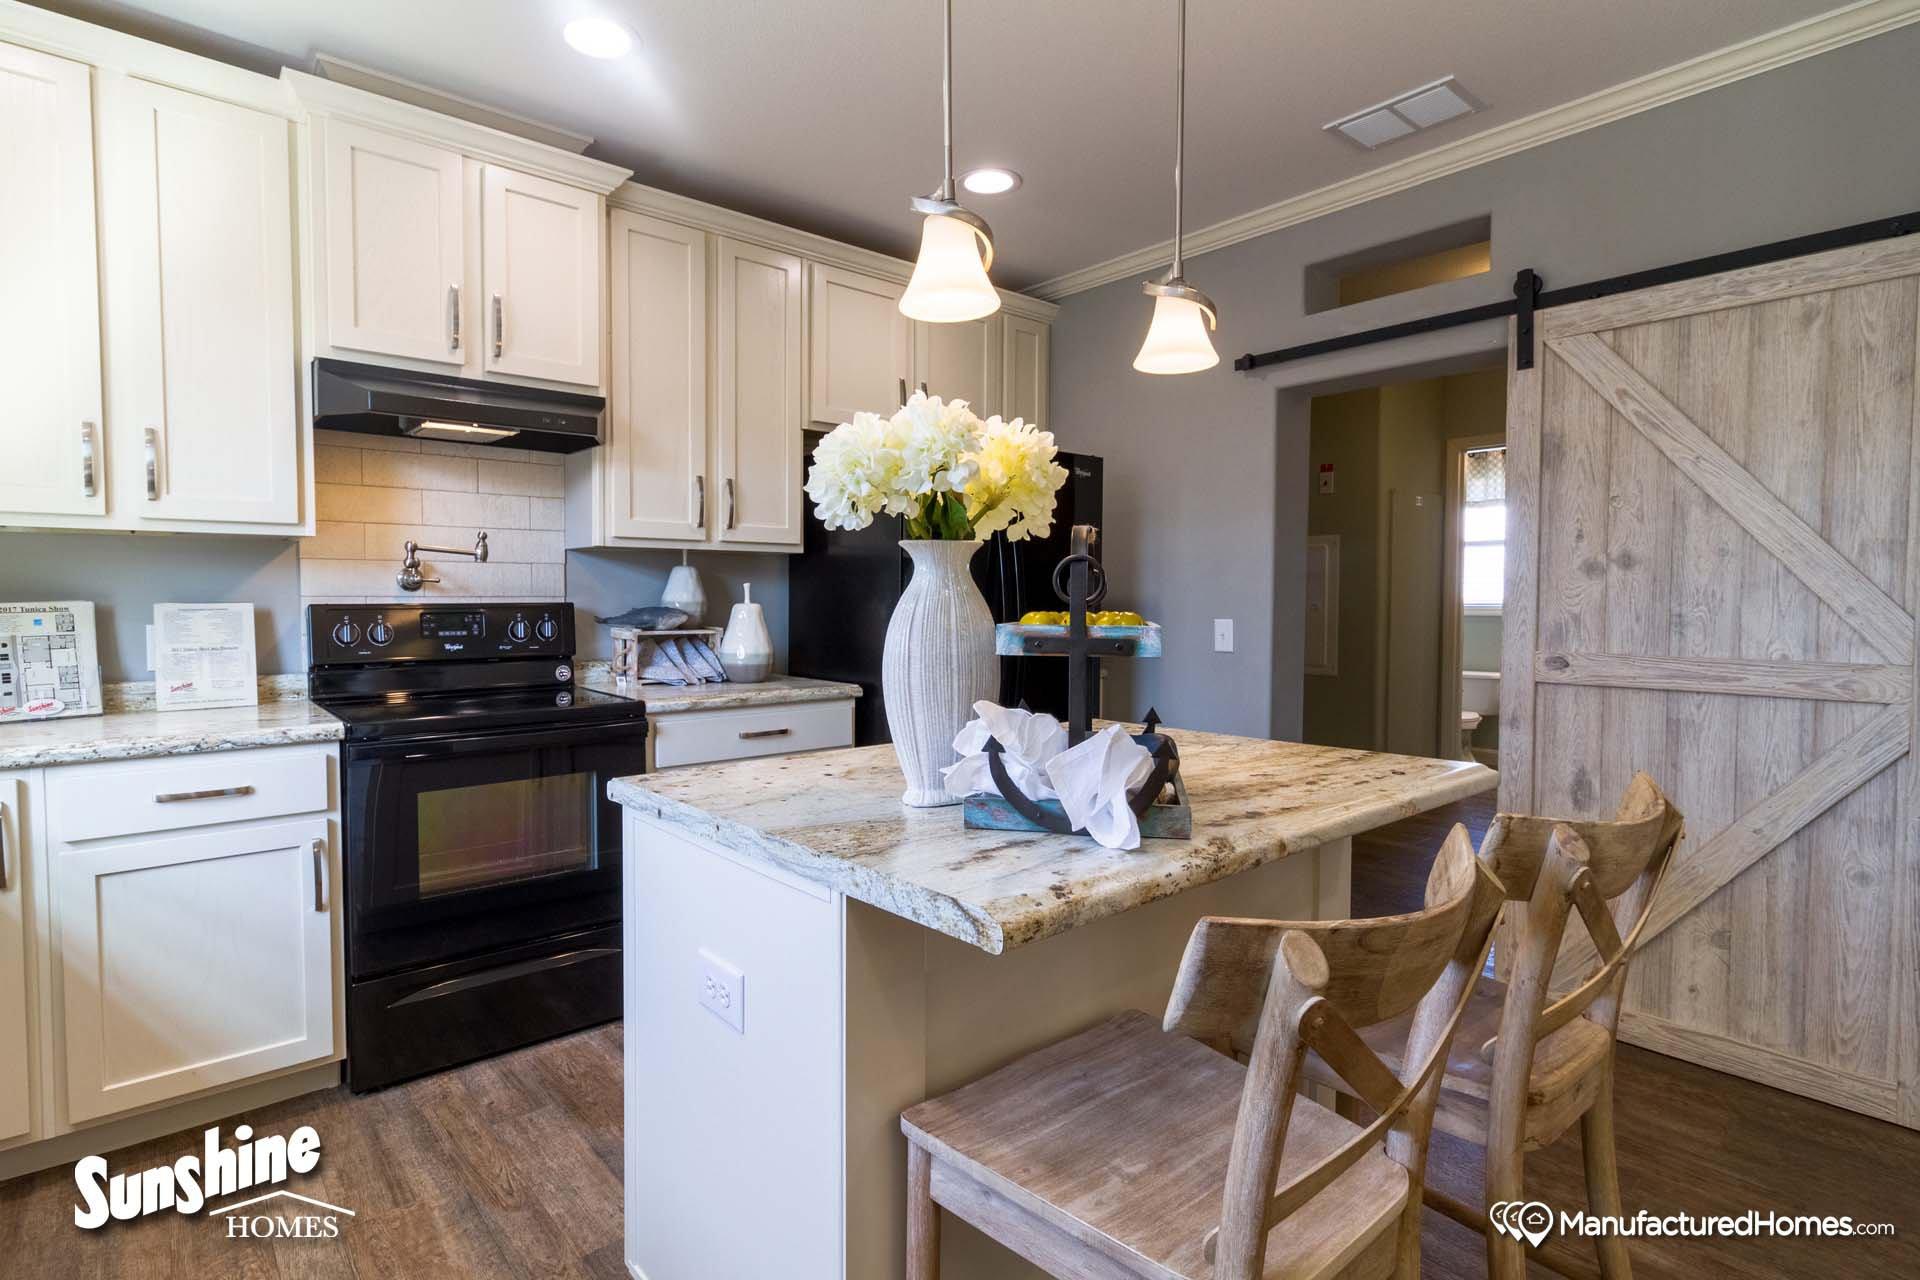 independent kitchen designer wallpaper side blog. freelance